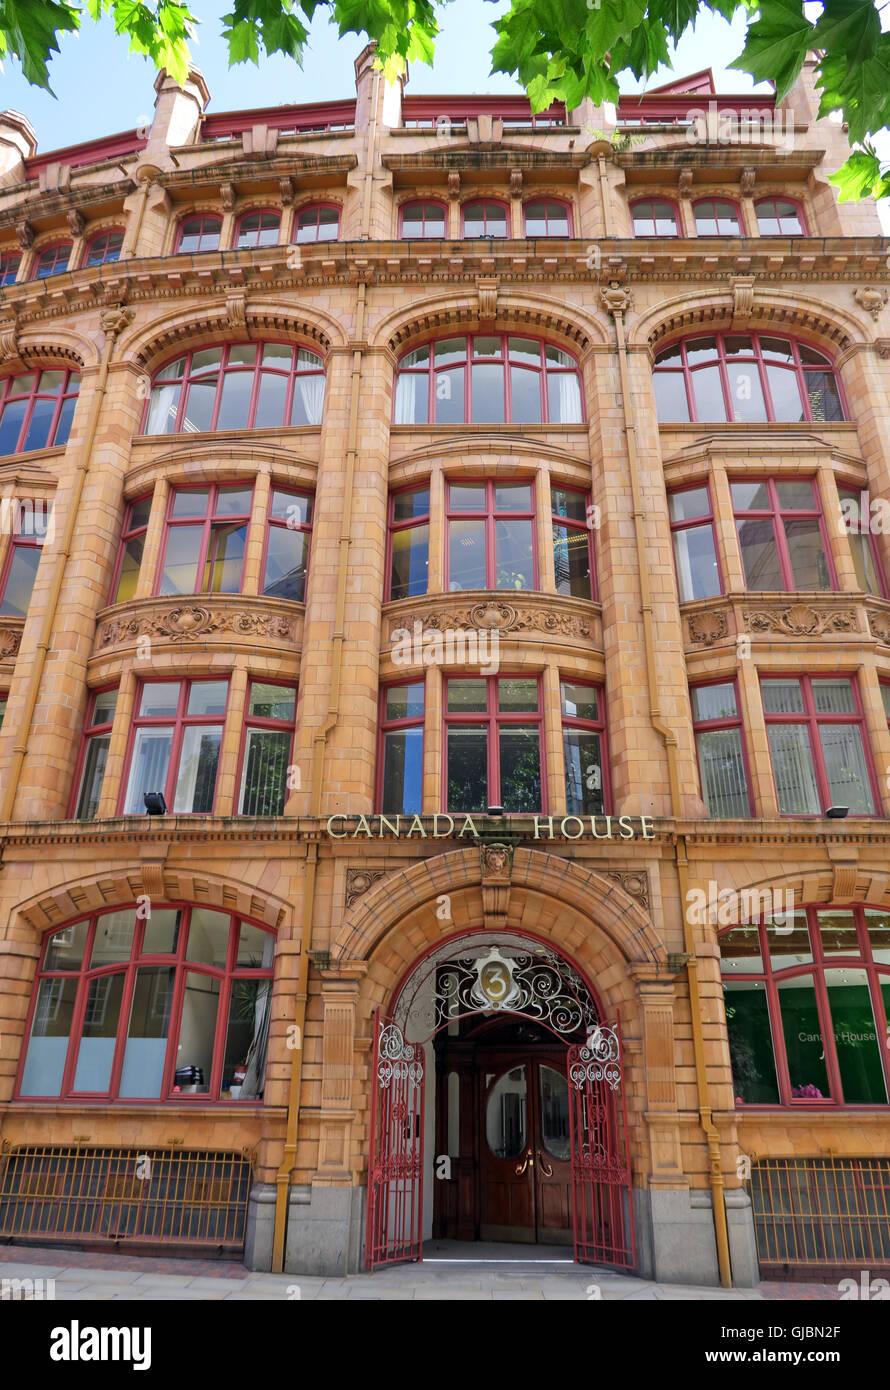 Laden Sie dieses Alamy Stockfoto Kanada Haus, 3 Chepstow St, Manchester, North West England, UK, M 1 5 FW - GJBN2F